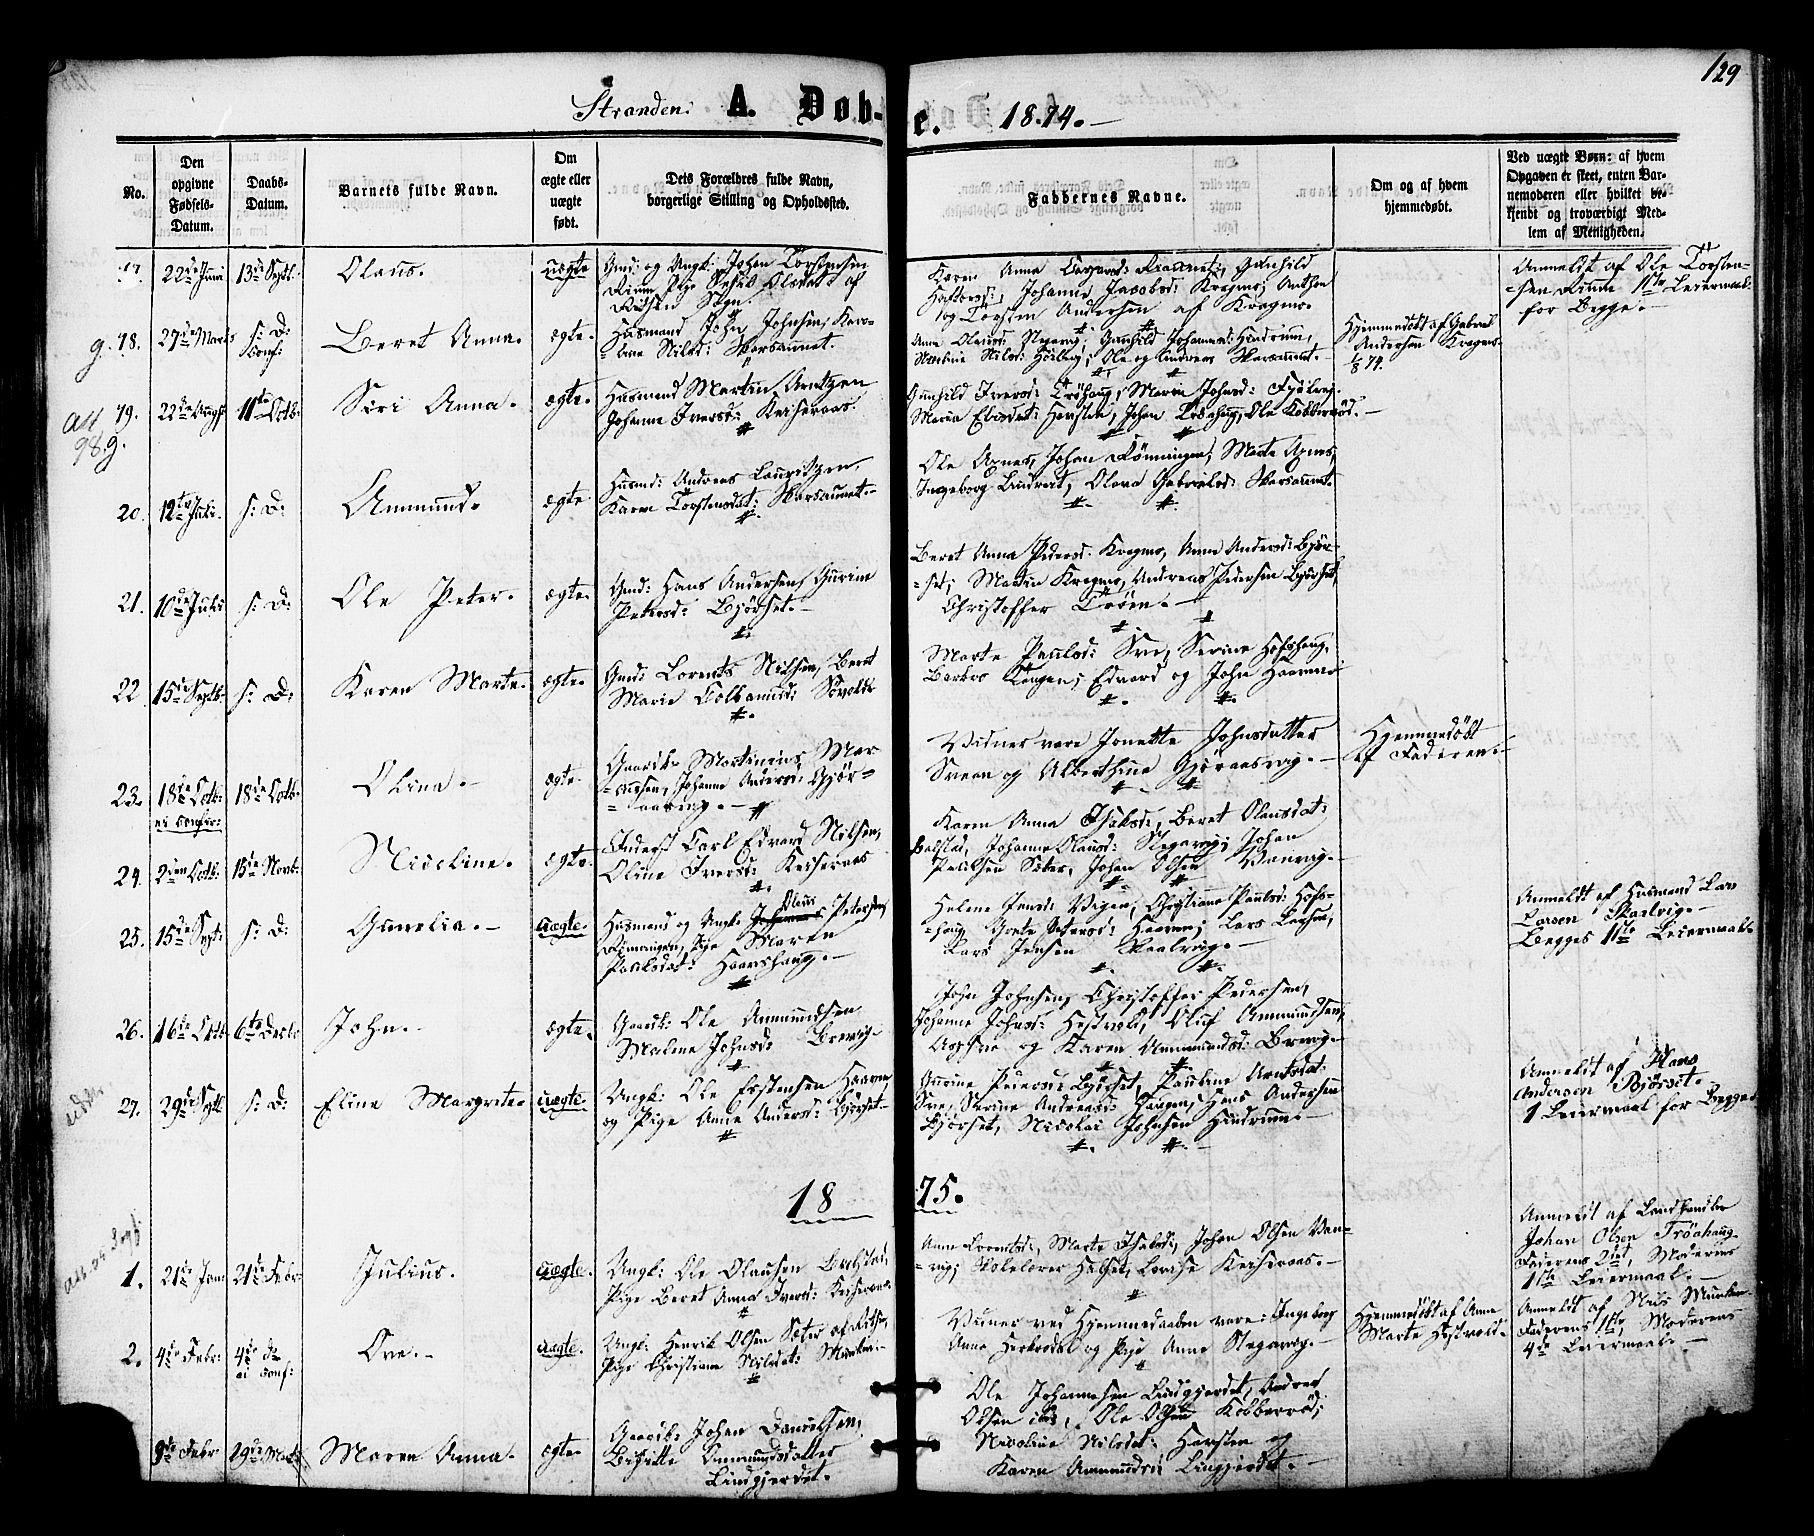 SAT, Ministerialprotokoller, klokkerbøker og fødselsregistre - Nord-Trøndelag, 701/L0009: Ministerialbok nr. 701A09 /2, 1864-1882, s. 129